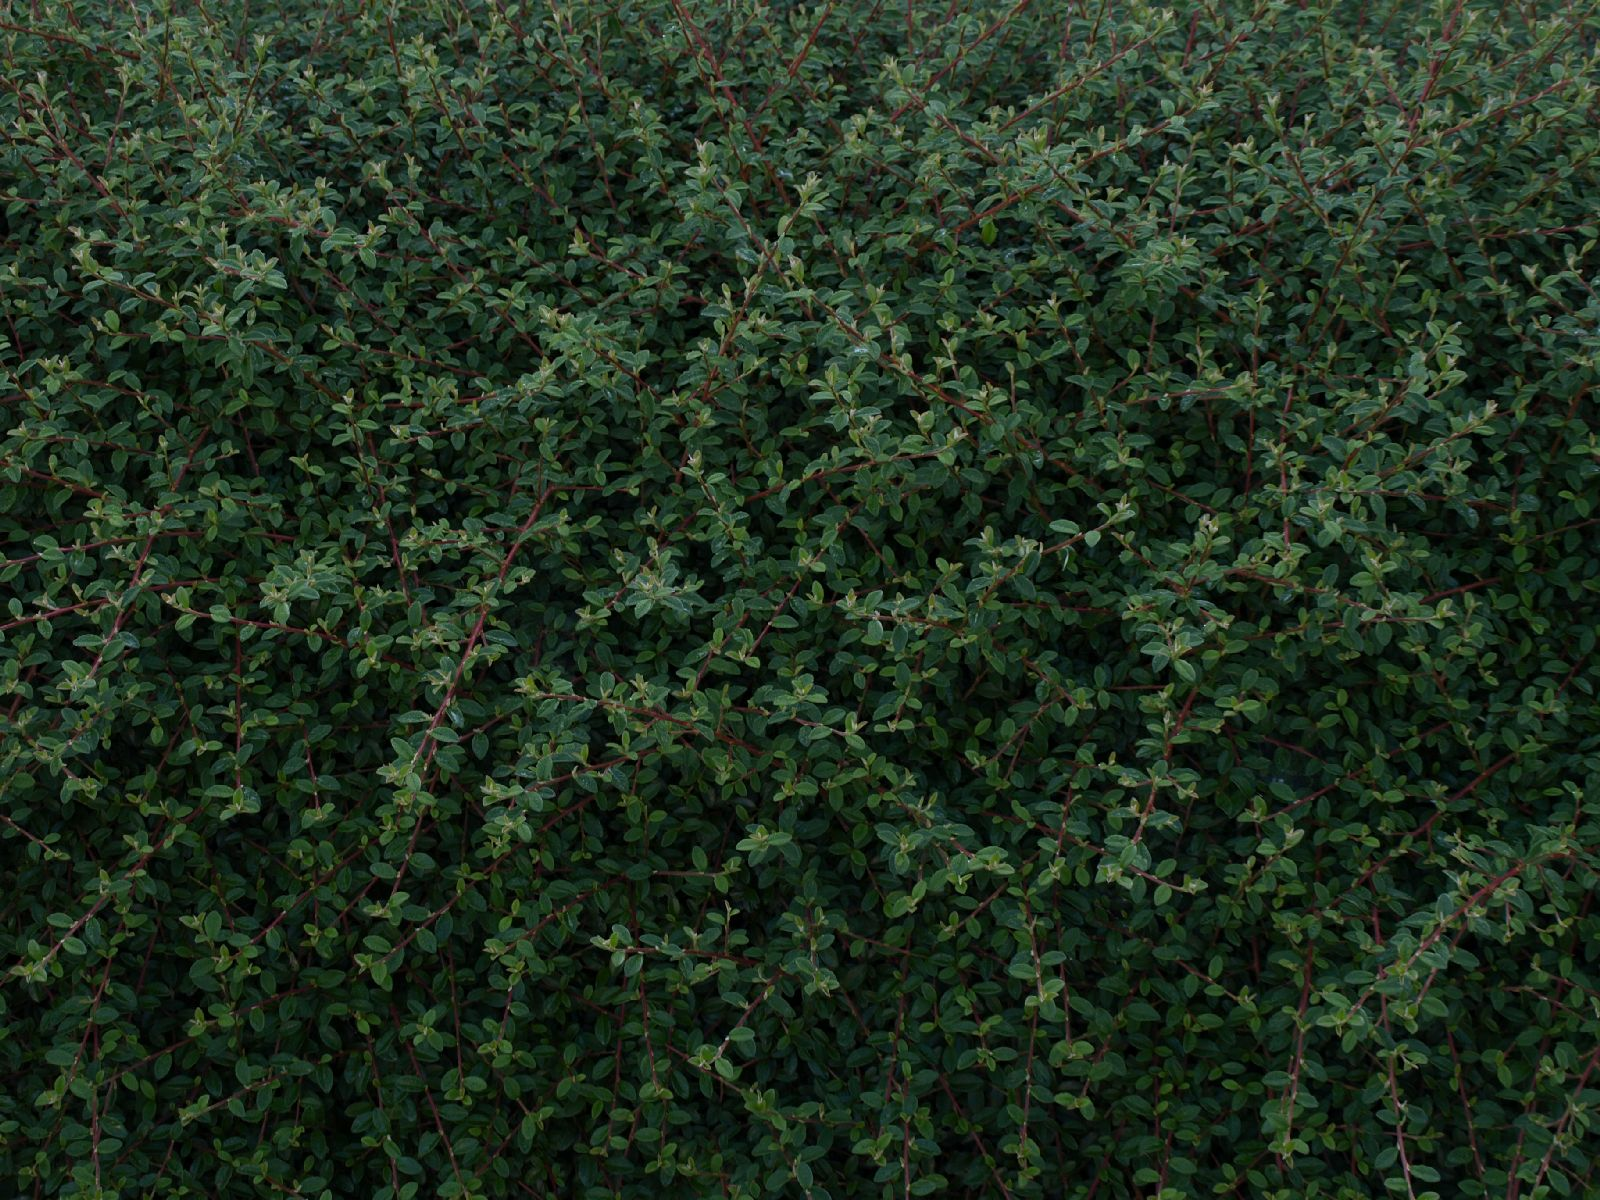 Pflanzen-Hecken-Foto_Textur_B_P7053952